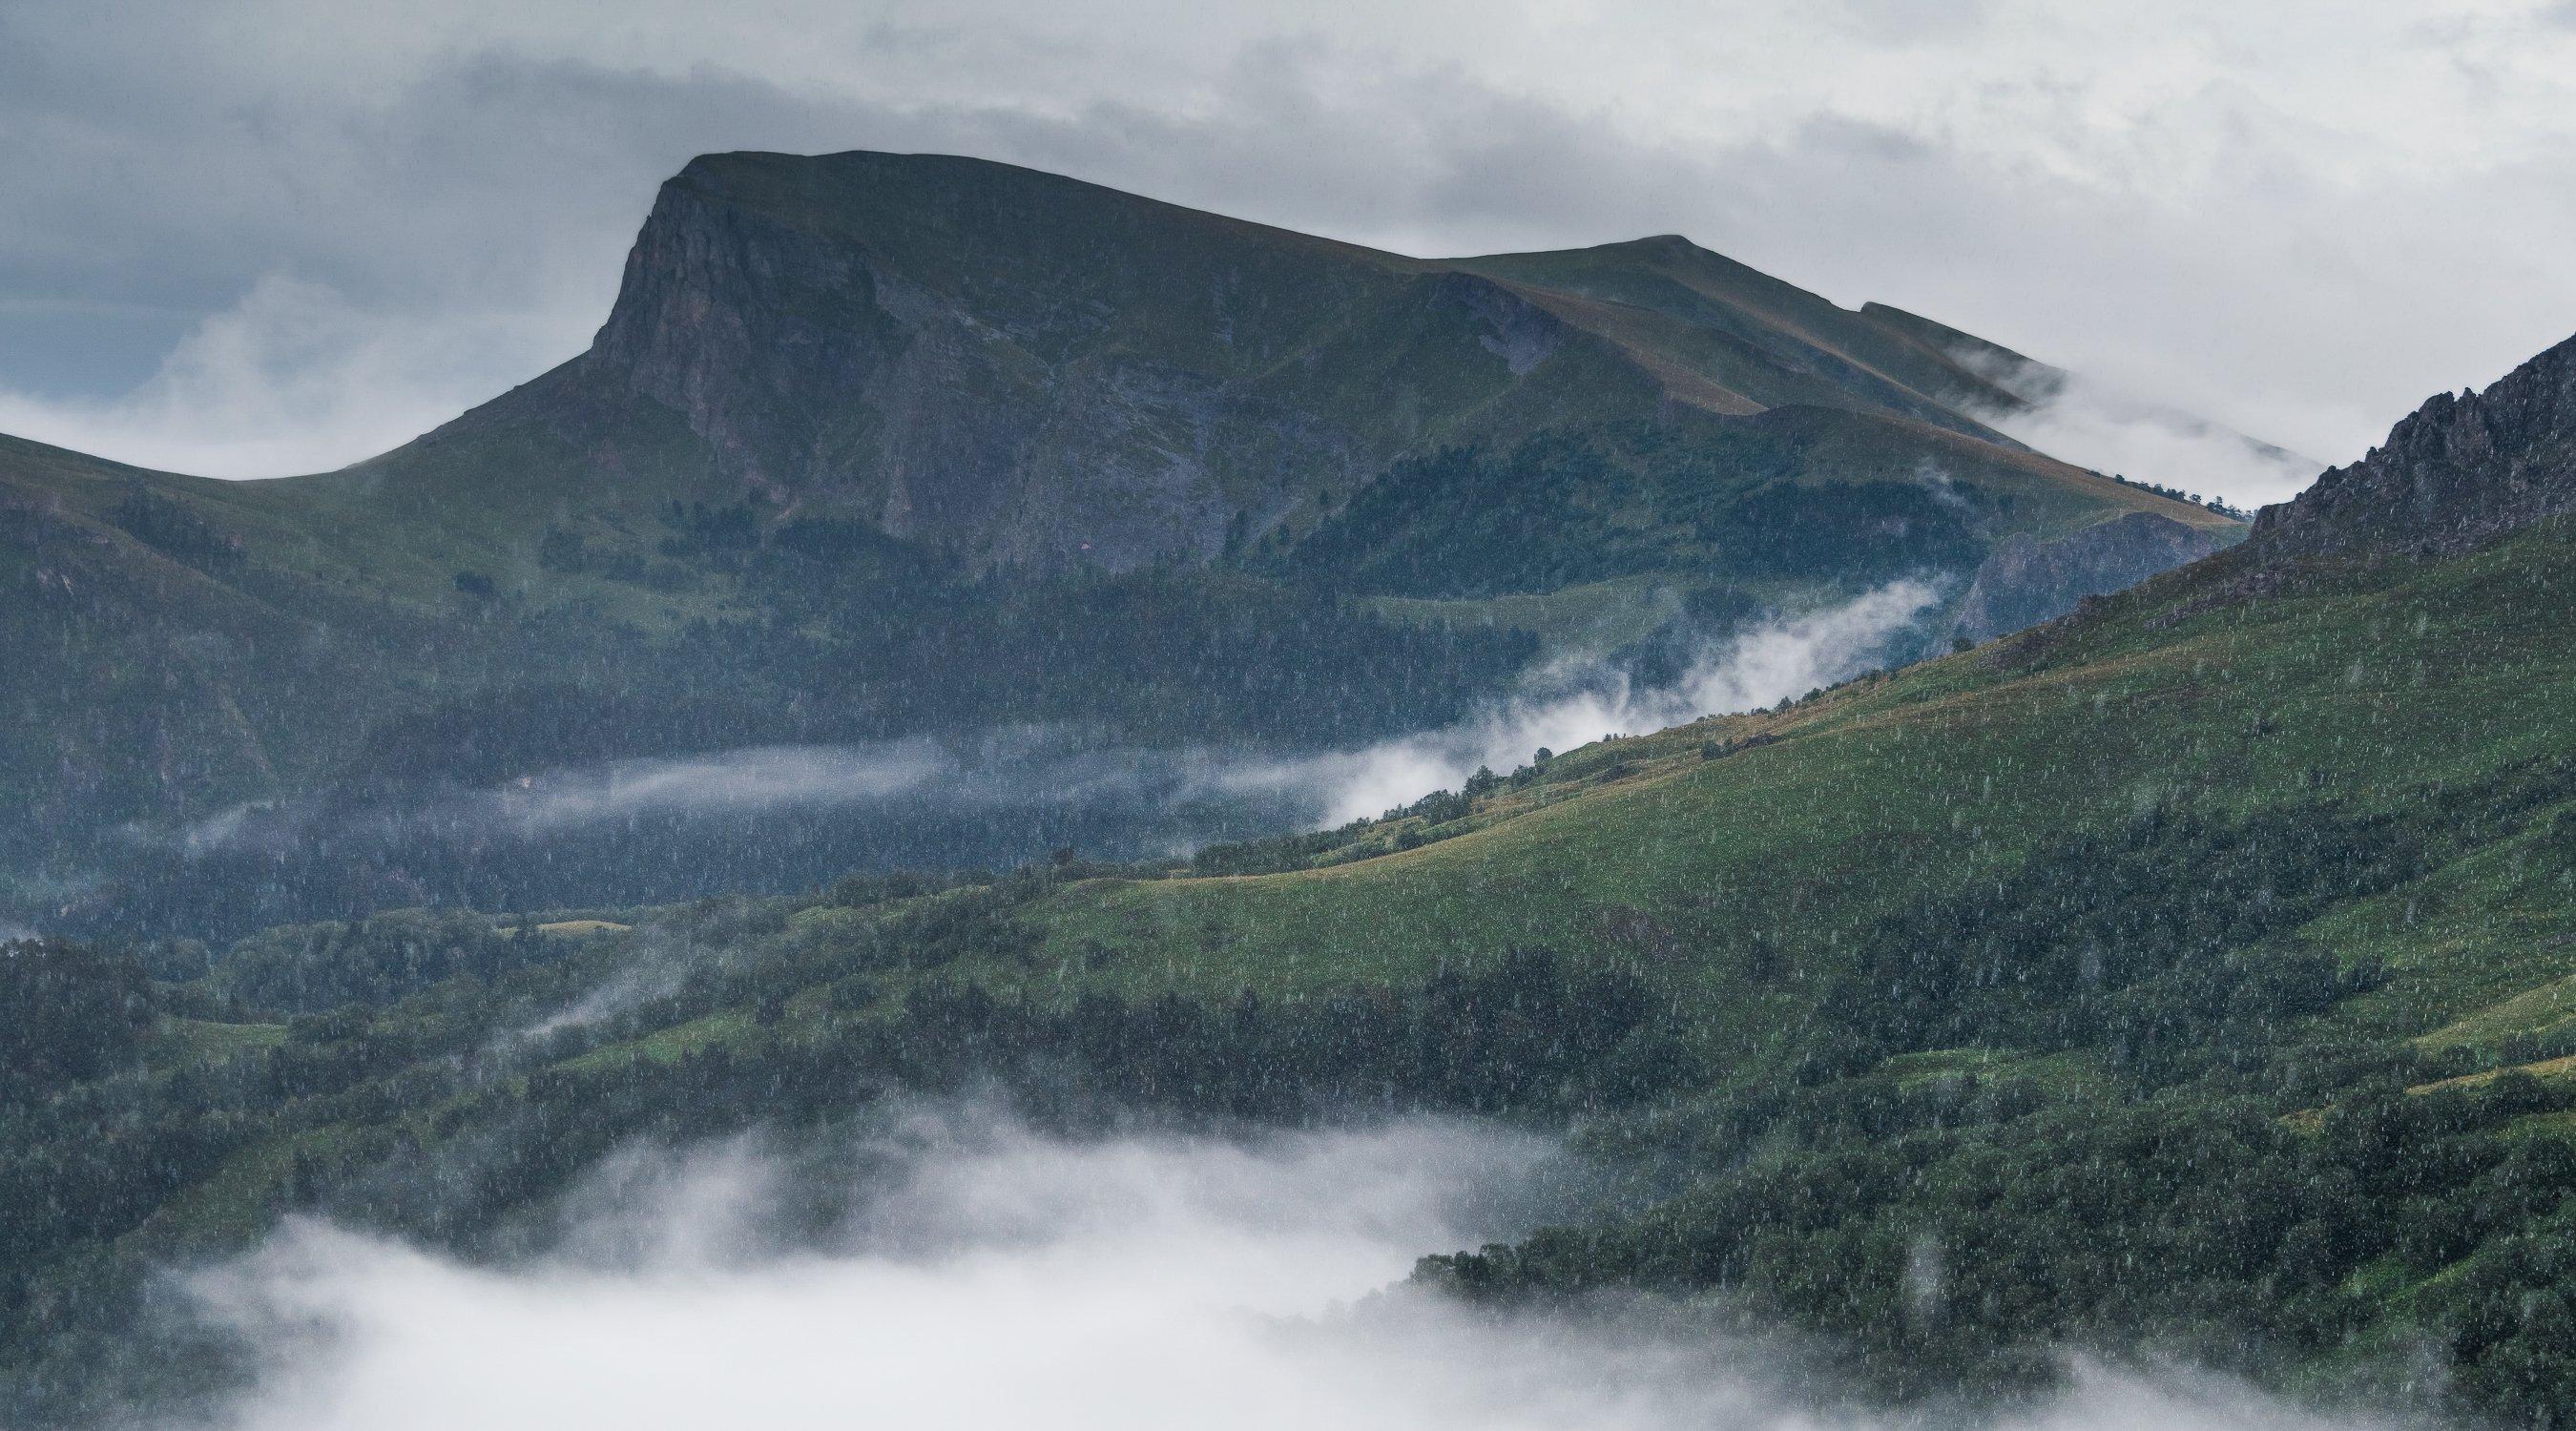 Учёные доказали, что дождь может двигать горы